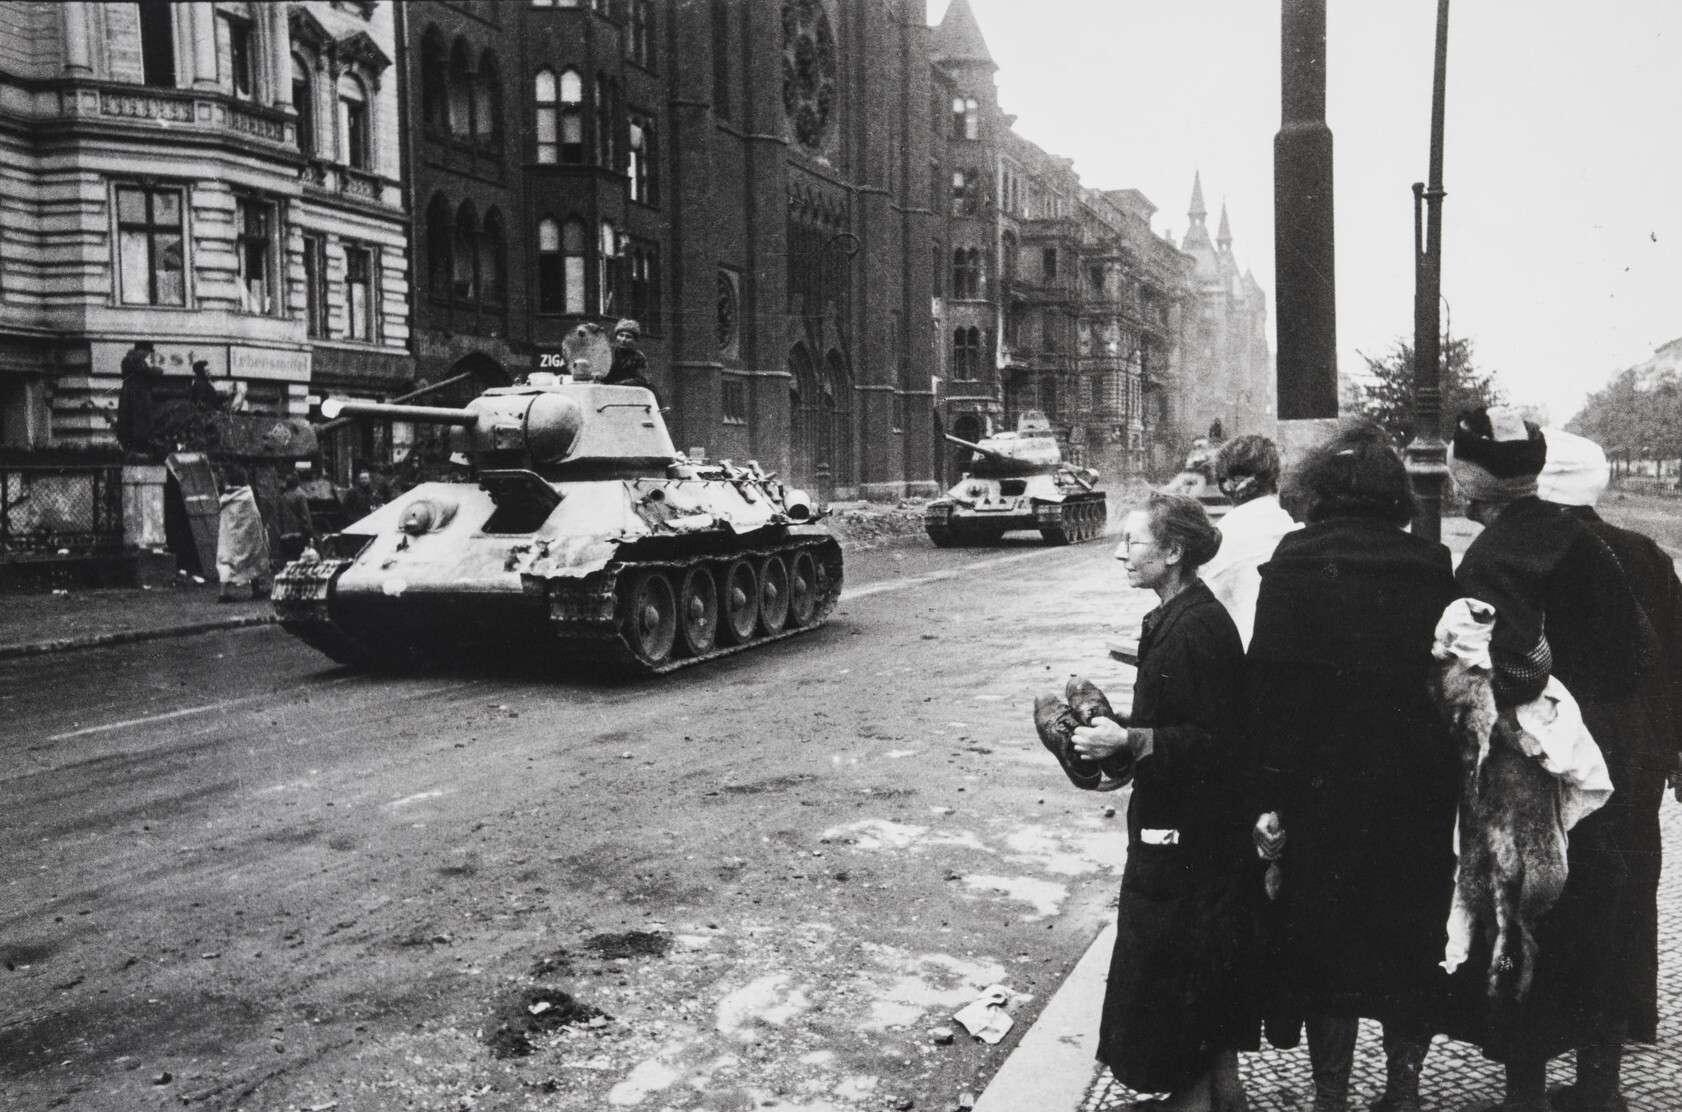 Евгений Халдей.    Советские танки в городе   Германия,Берлин,1945